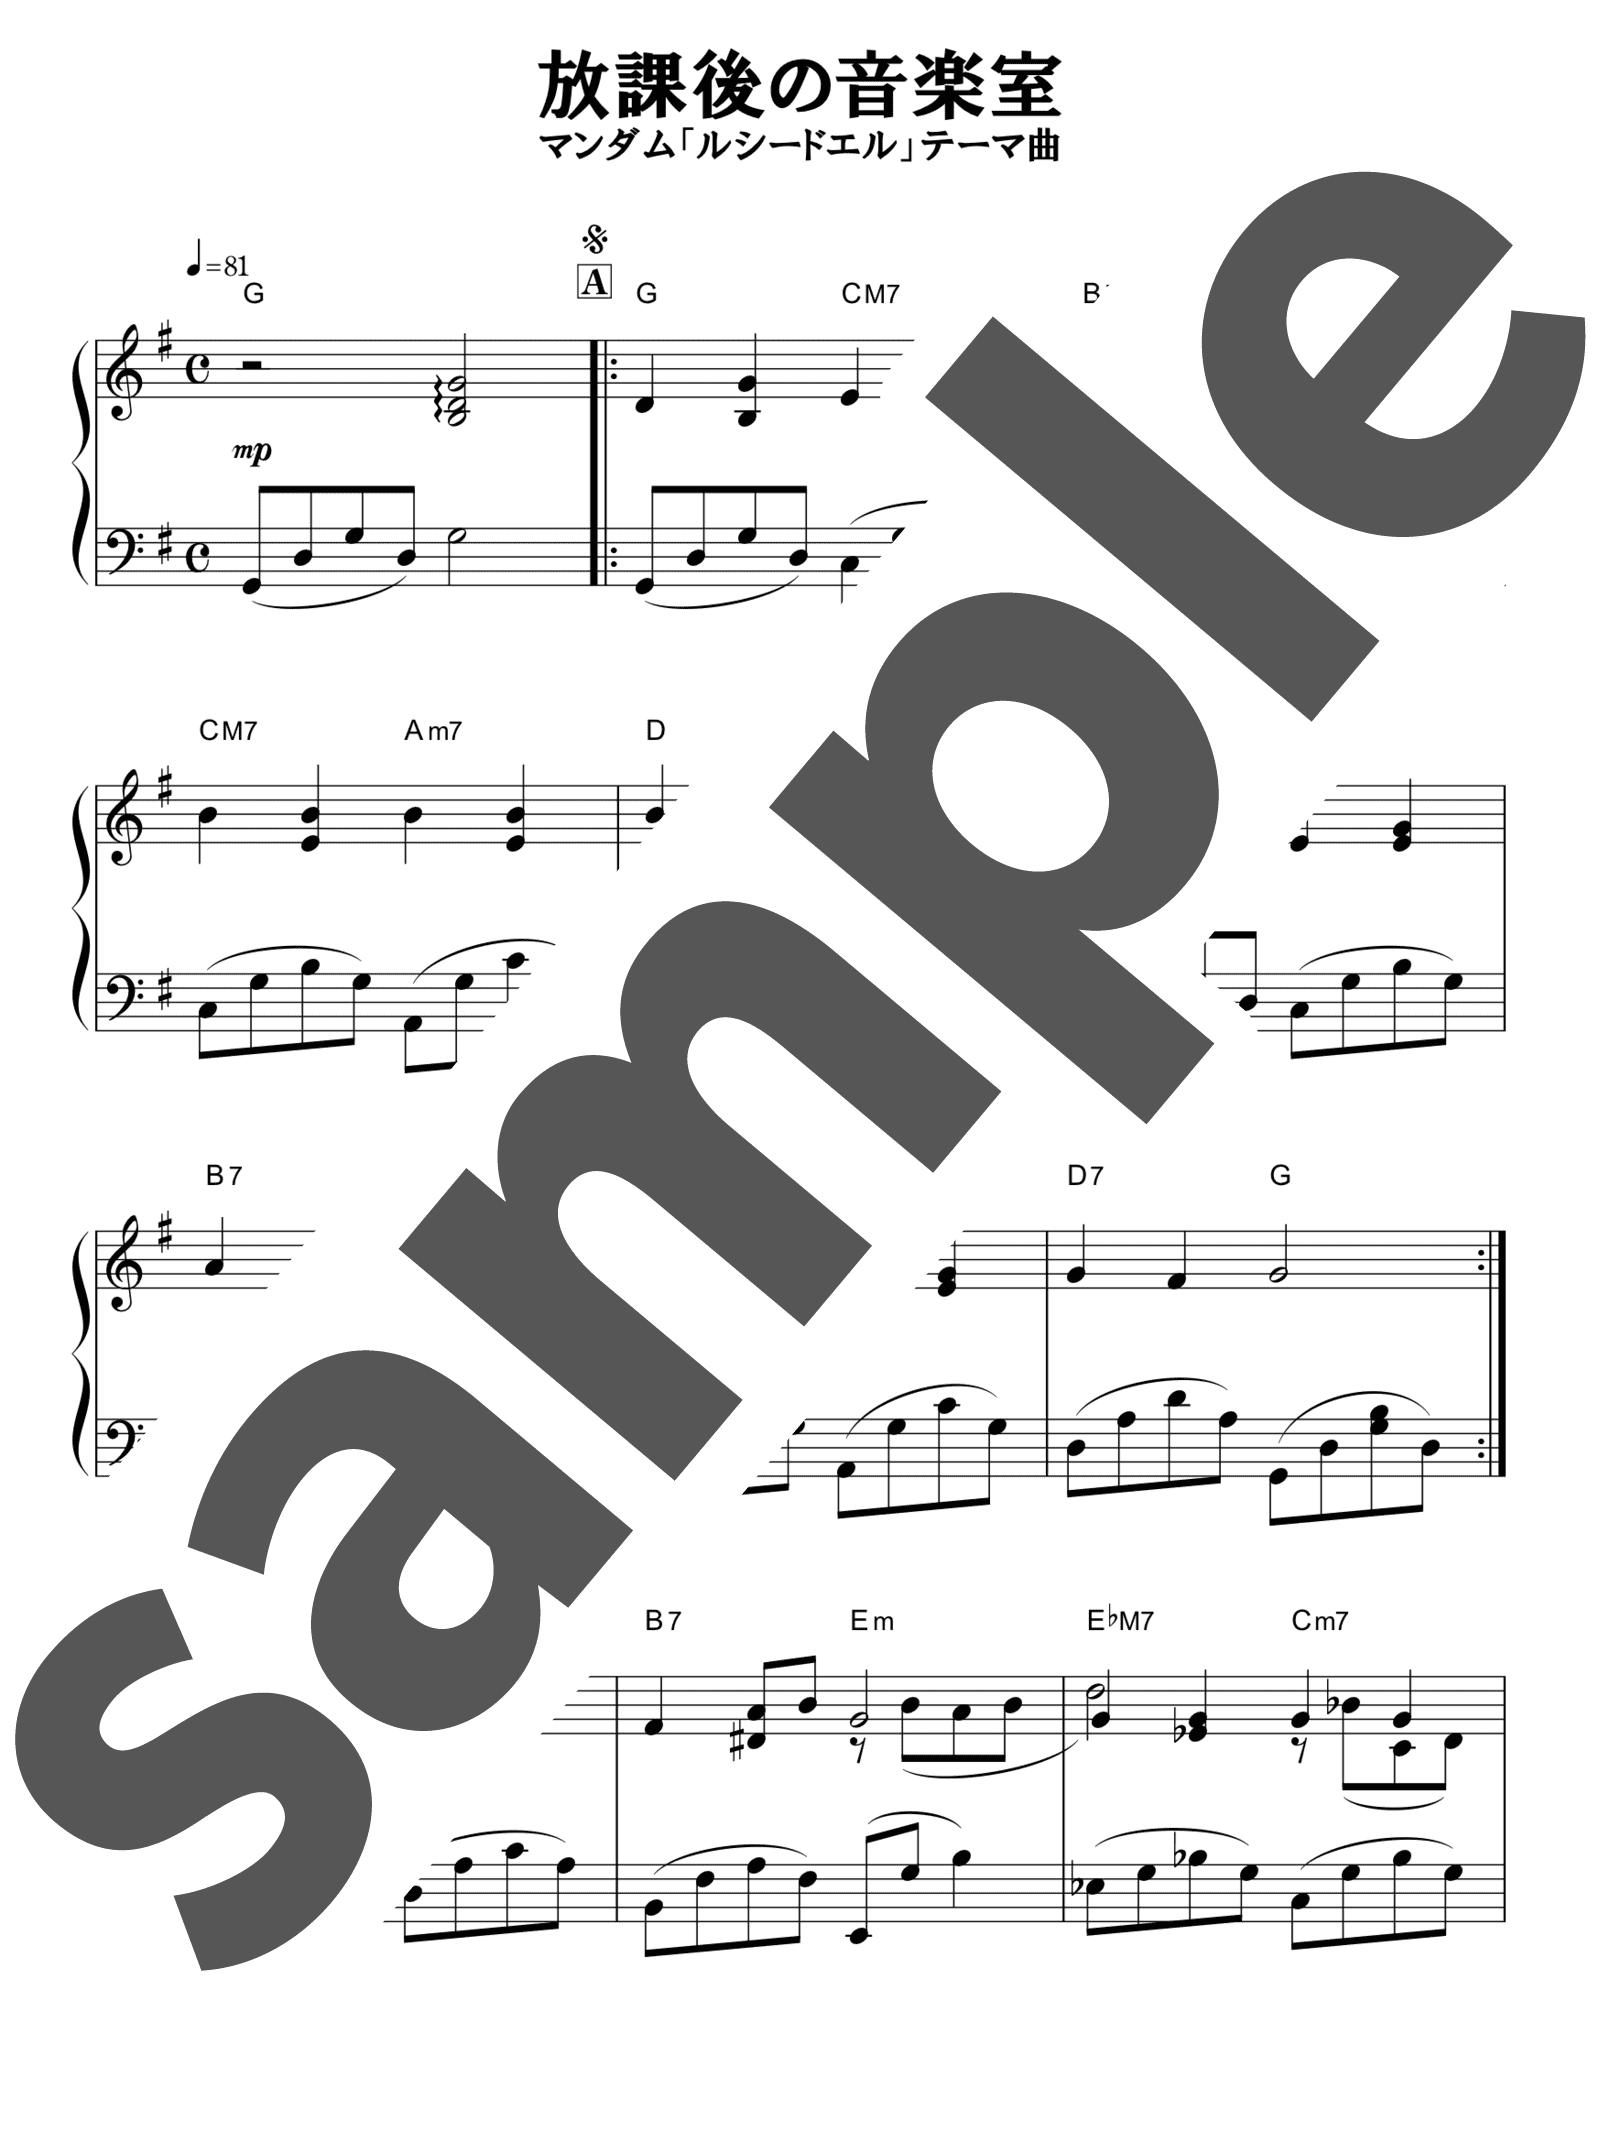 「放課後の音楽室」のサンプル楽譜